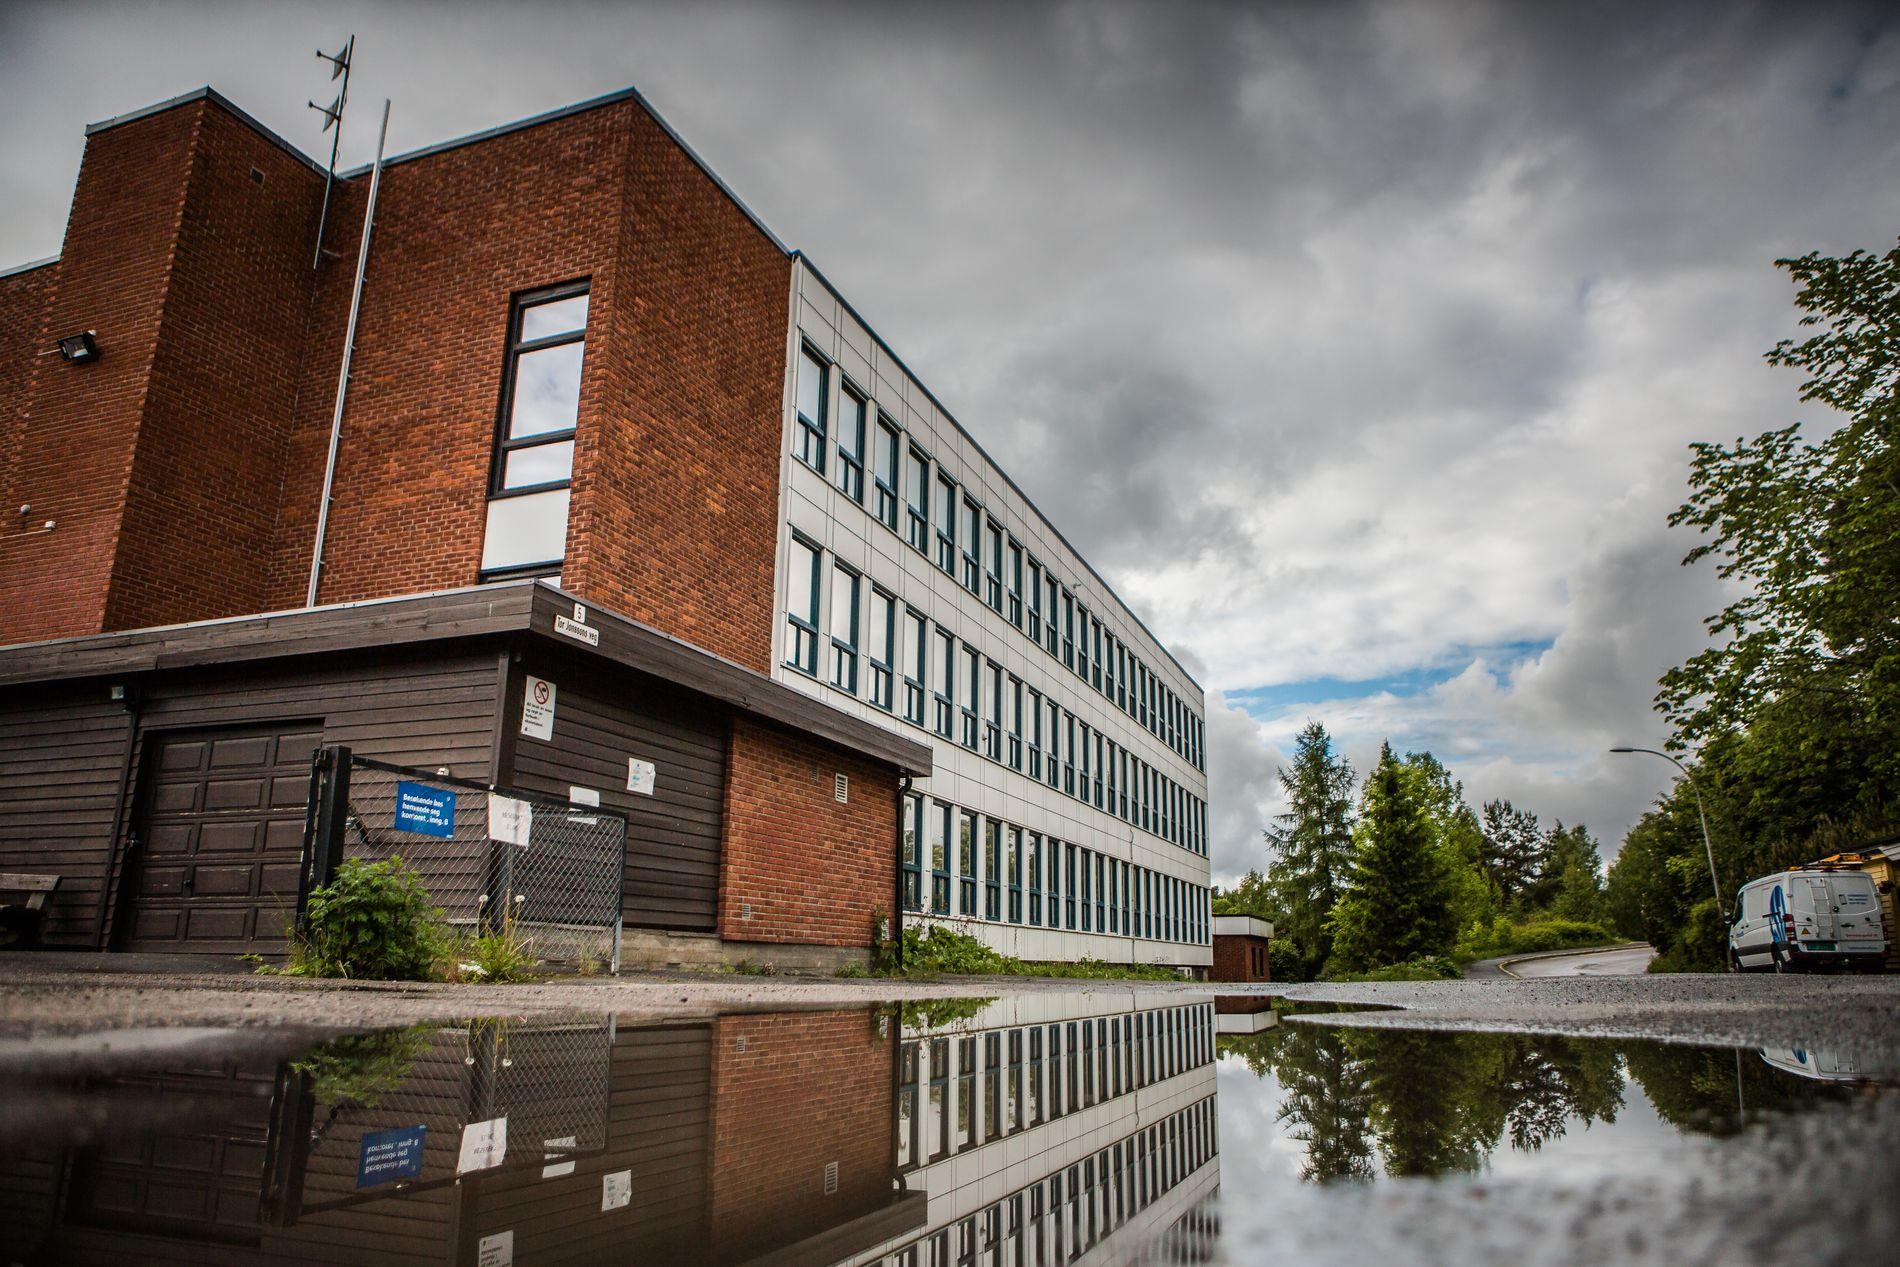 HØSTFERIE: Det er høstferie på Ulsrud videregående og Oslos 184 skoler denne uken.  Skolen er en av flere som har fått oppmerksomhet etter vold, trusler og rus blant elevene de siste årene.